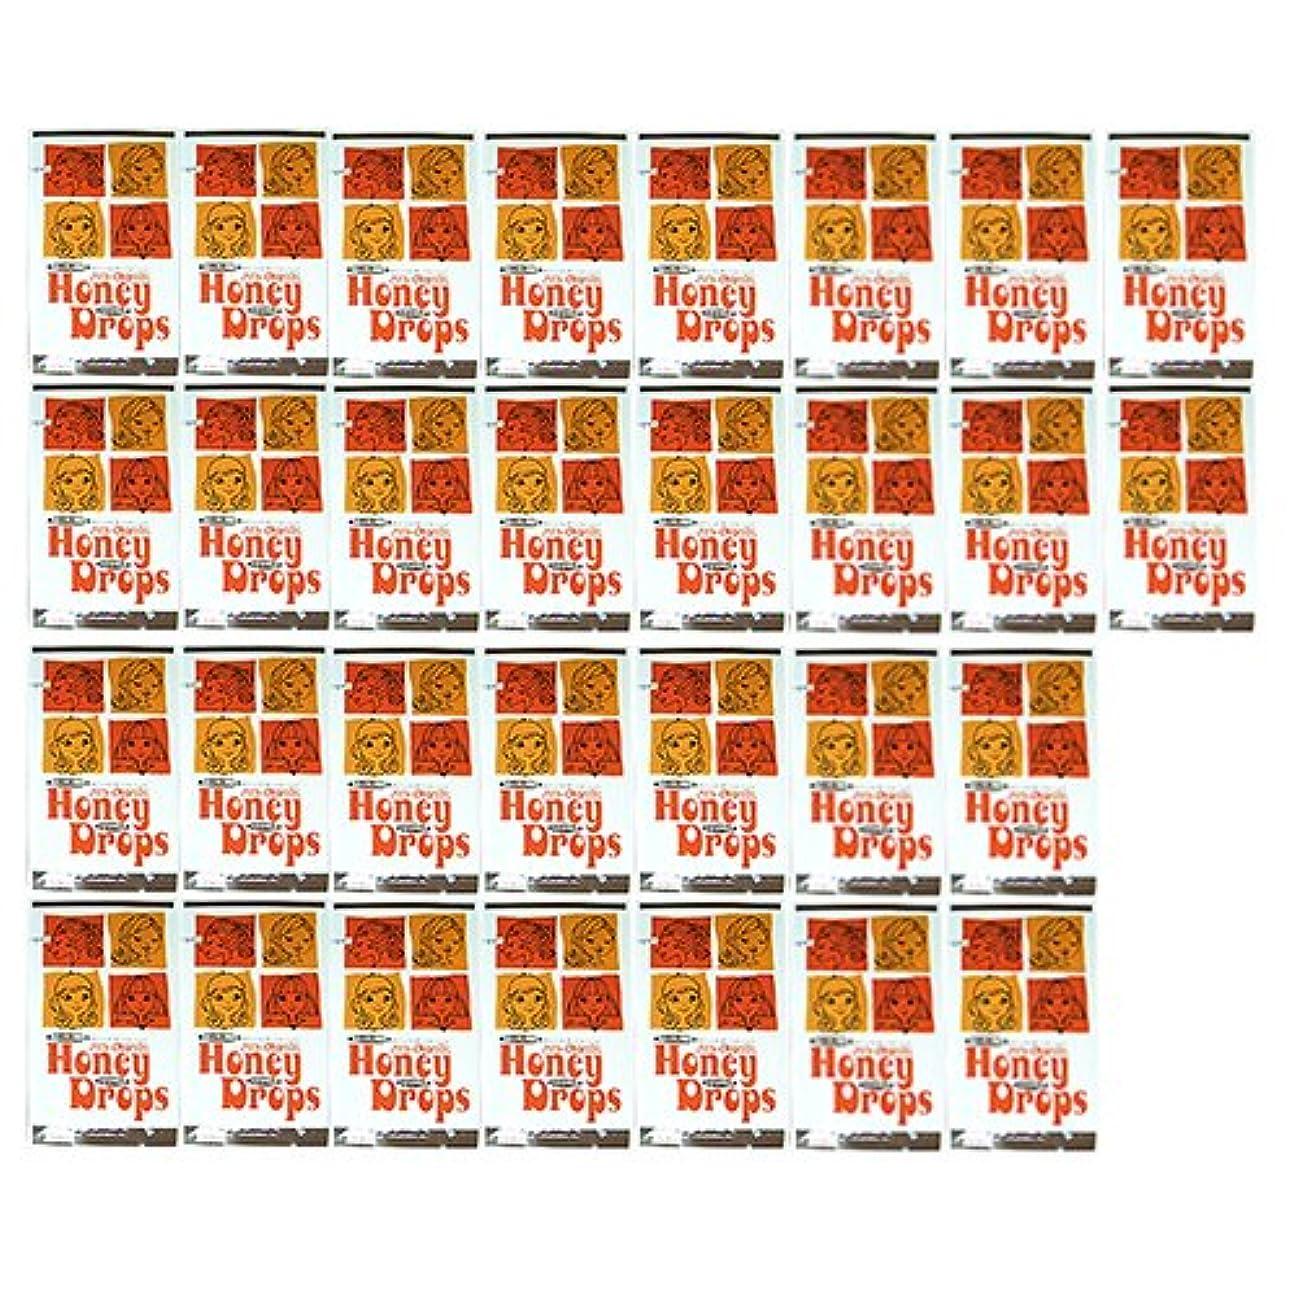 温帯スノーケル豊かなハニードロップス(Honey Drops) 20ml 使い捨て潤滑ローション D柄 × 30個入